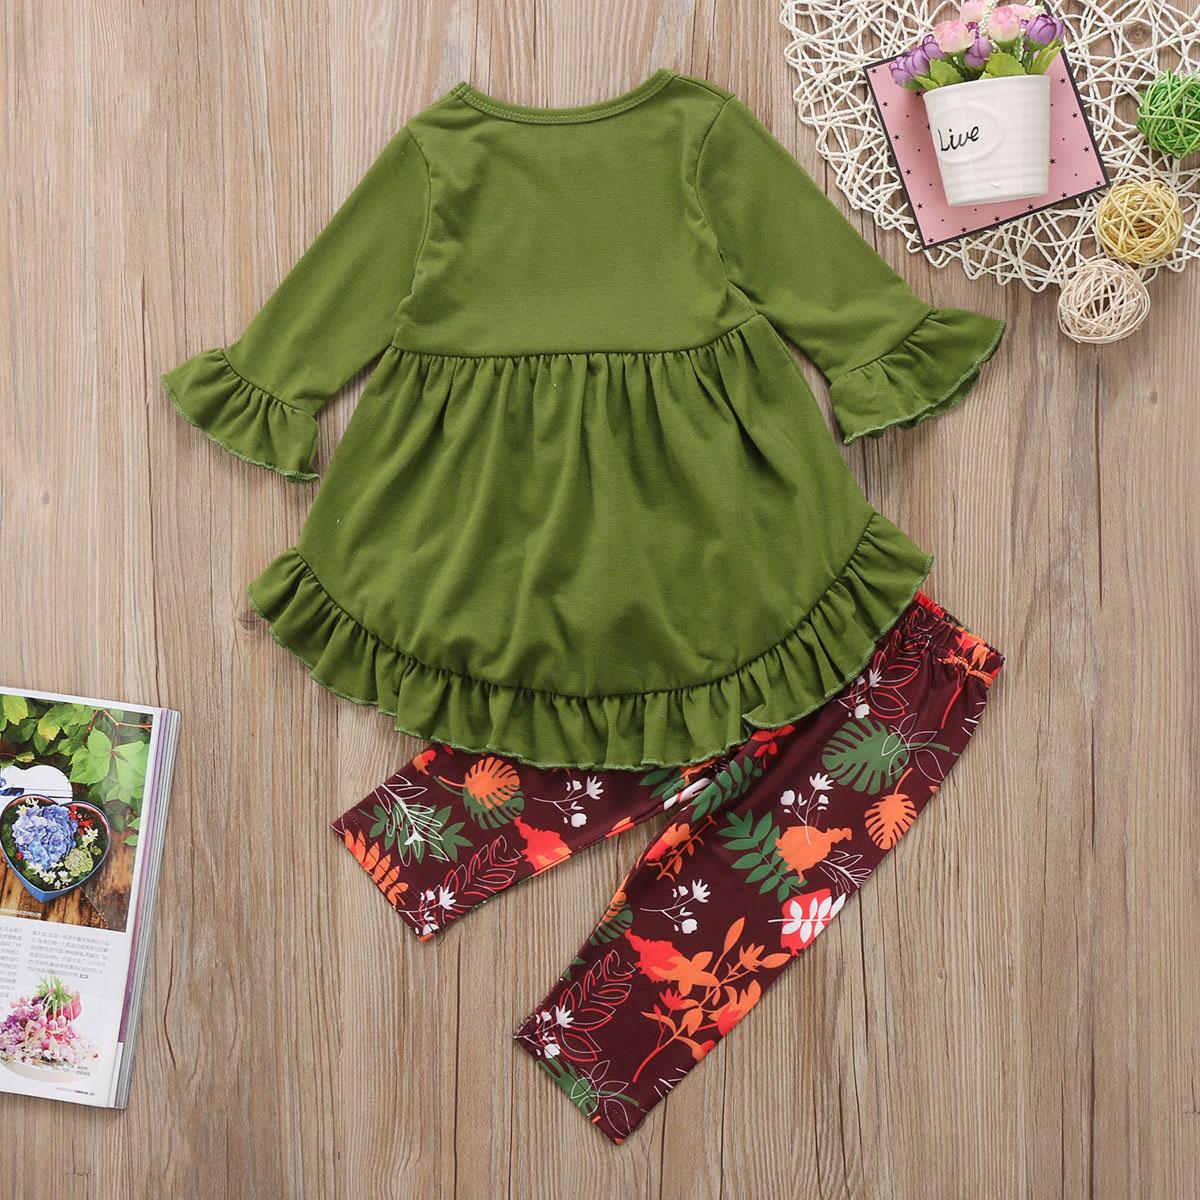 Kleinkind Mädchen Kleidung Sets 2017 Herbst Winter Kinder Mädchen ...